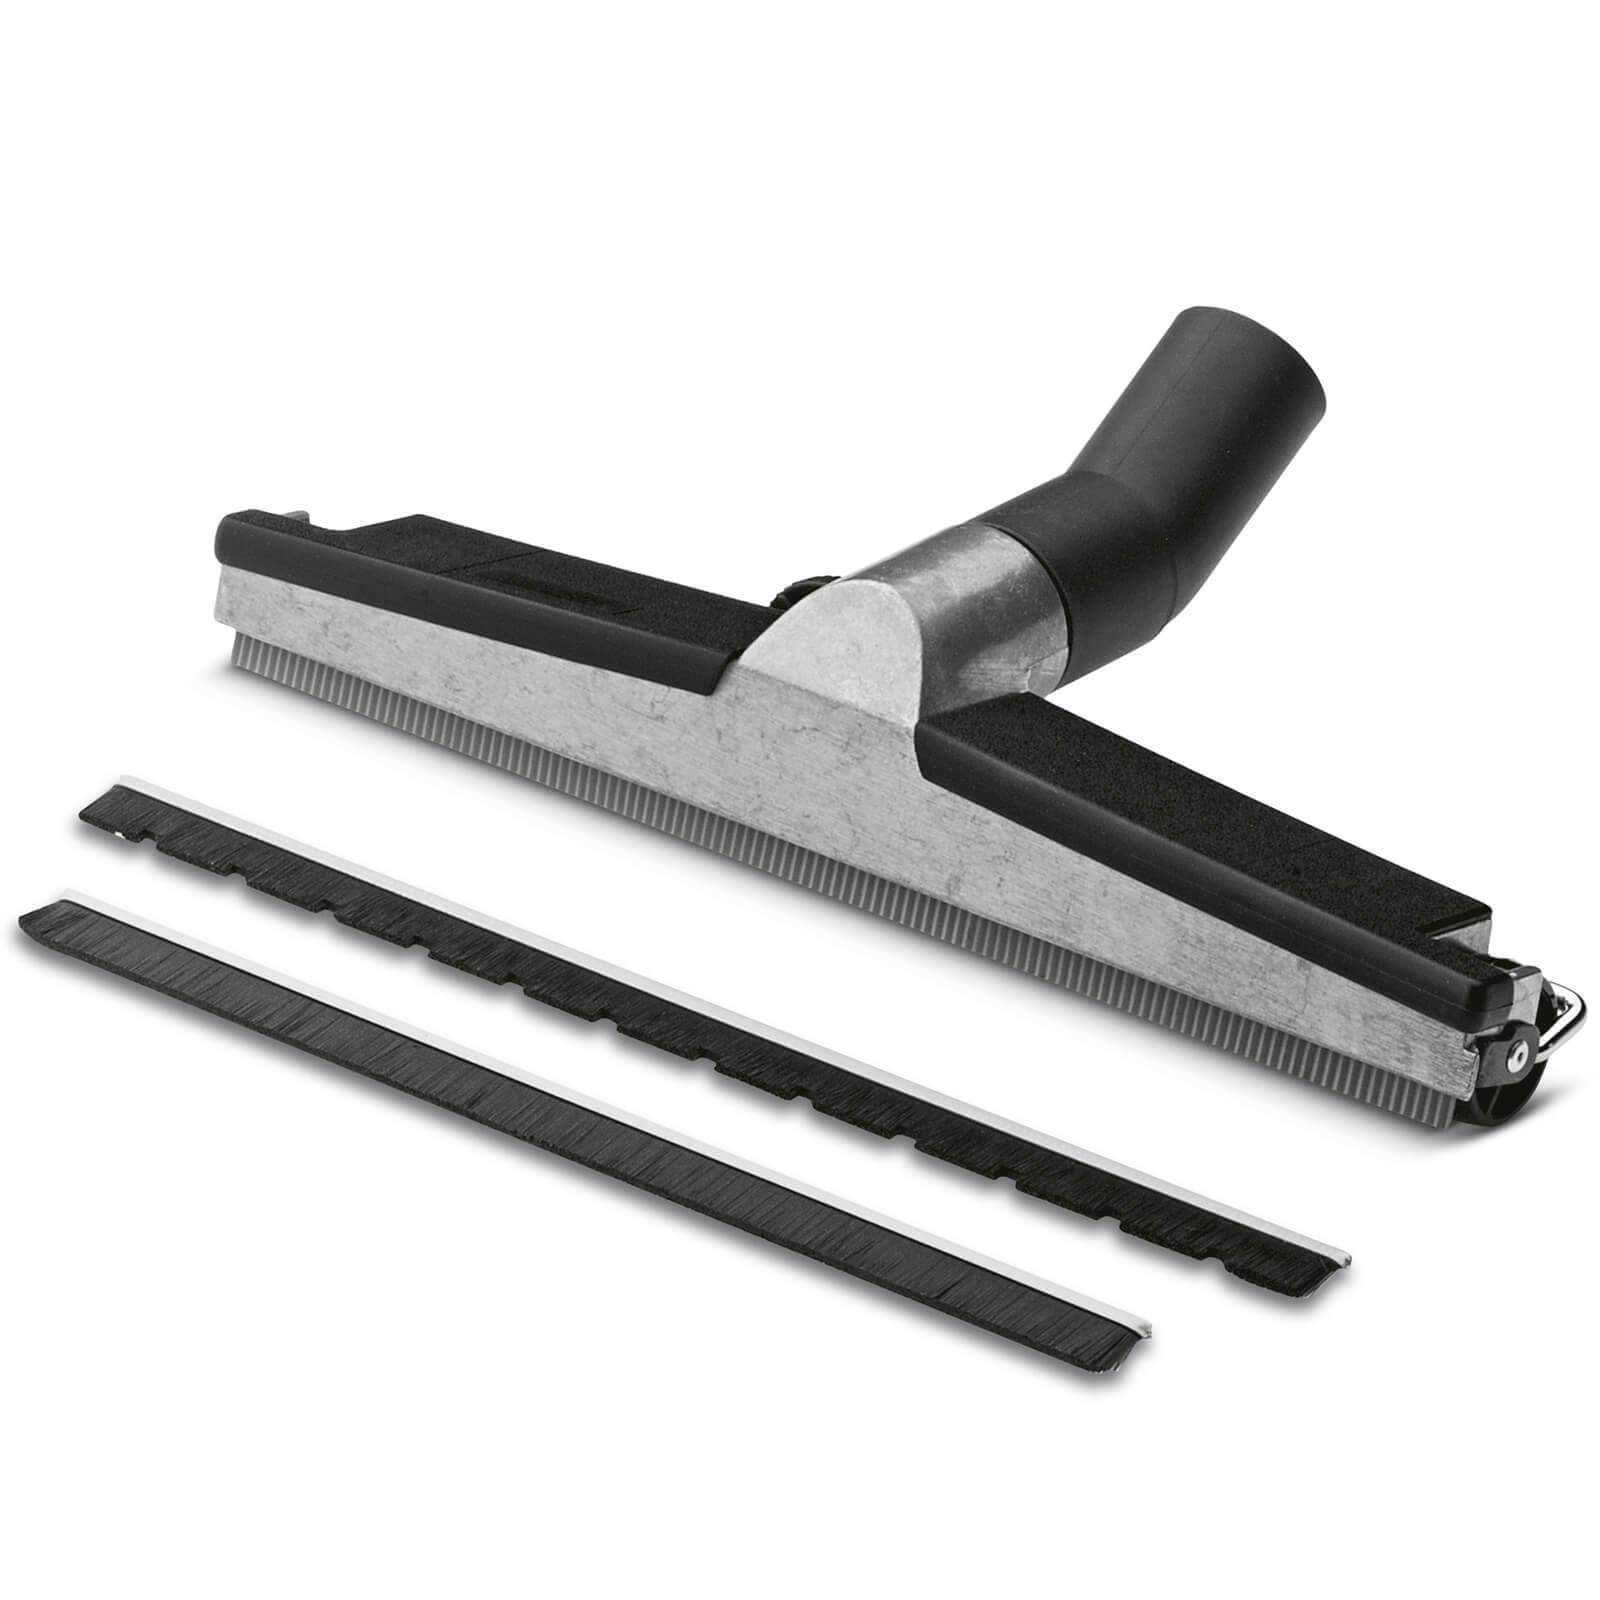 Karcher All Purpose Aluminium Floor Tool for NT 65/2 & 70/2 Vacuum Cleaners